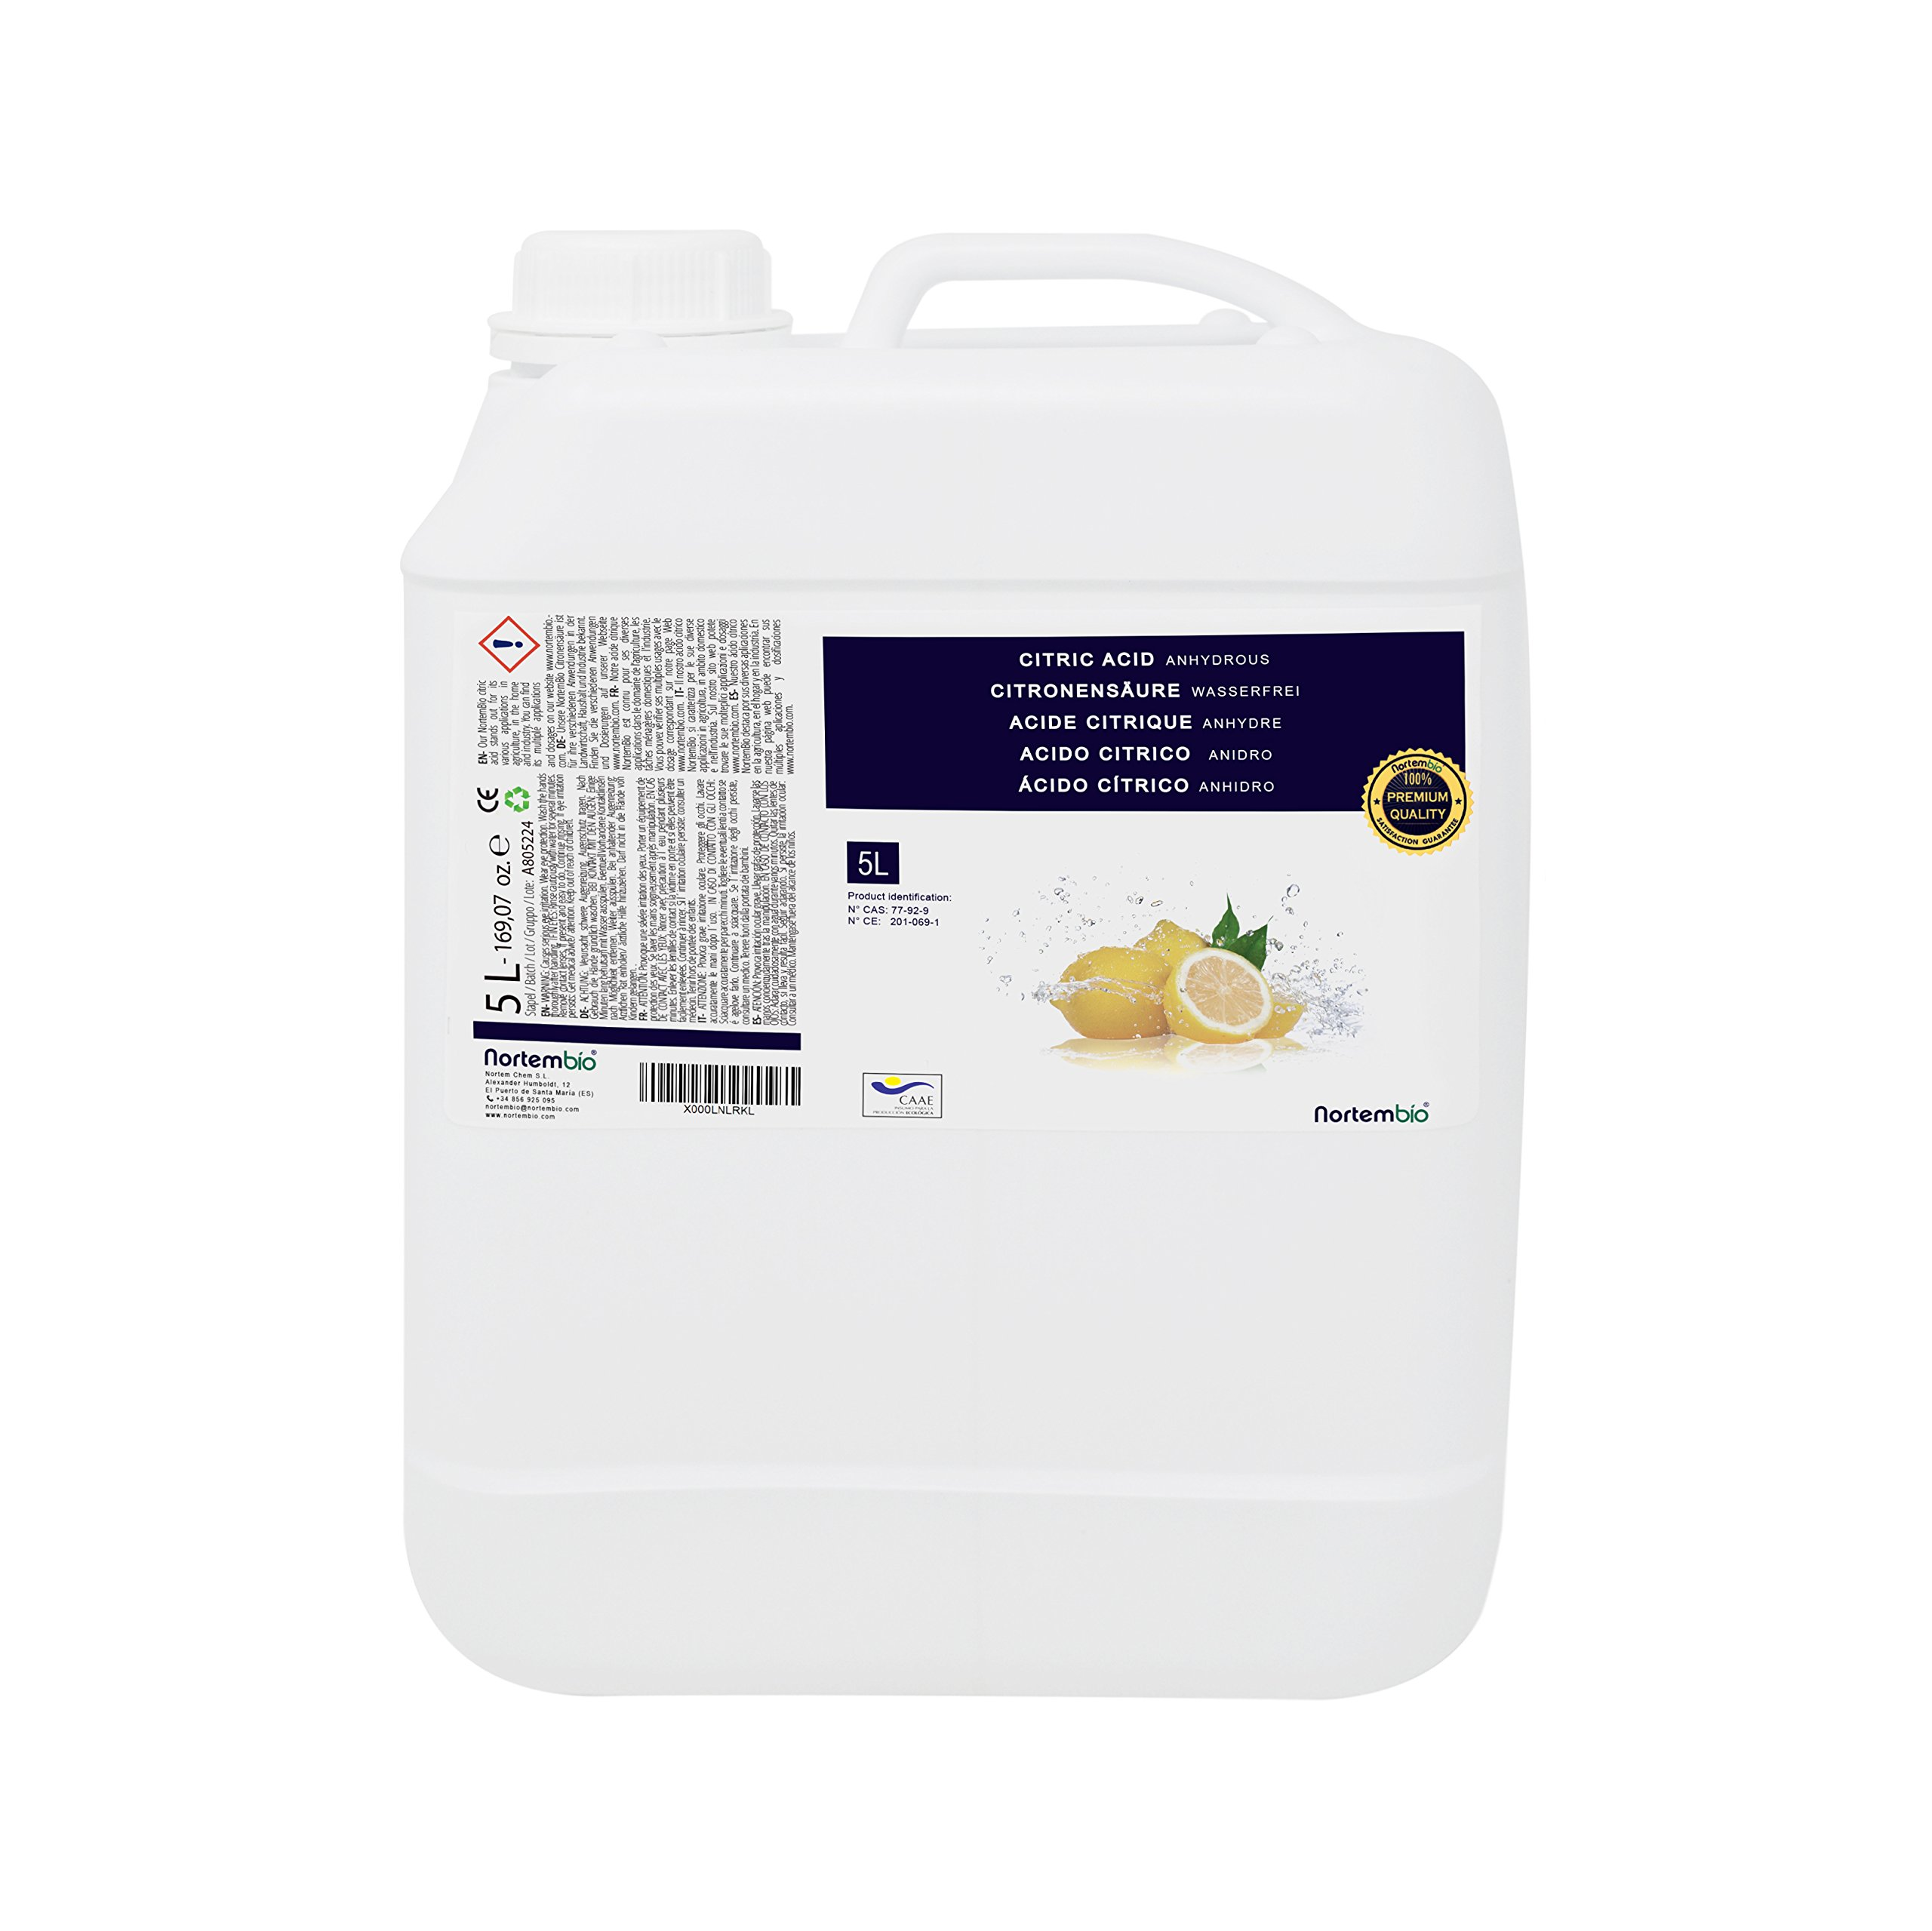 NortemBio Ácido Cítrico 5L. Líquido Concentrado, 100% Puro. para Producción Ecológica.